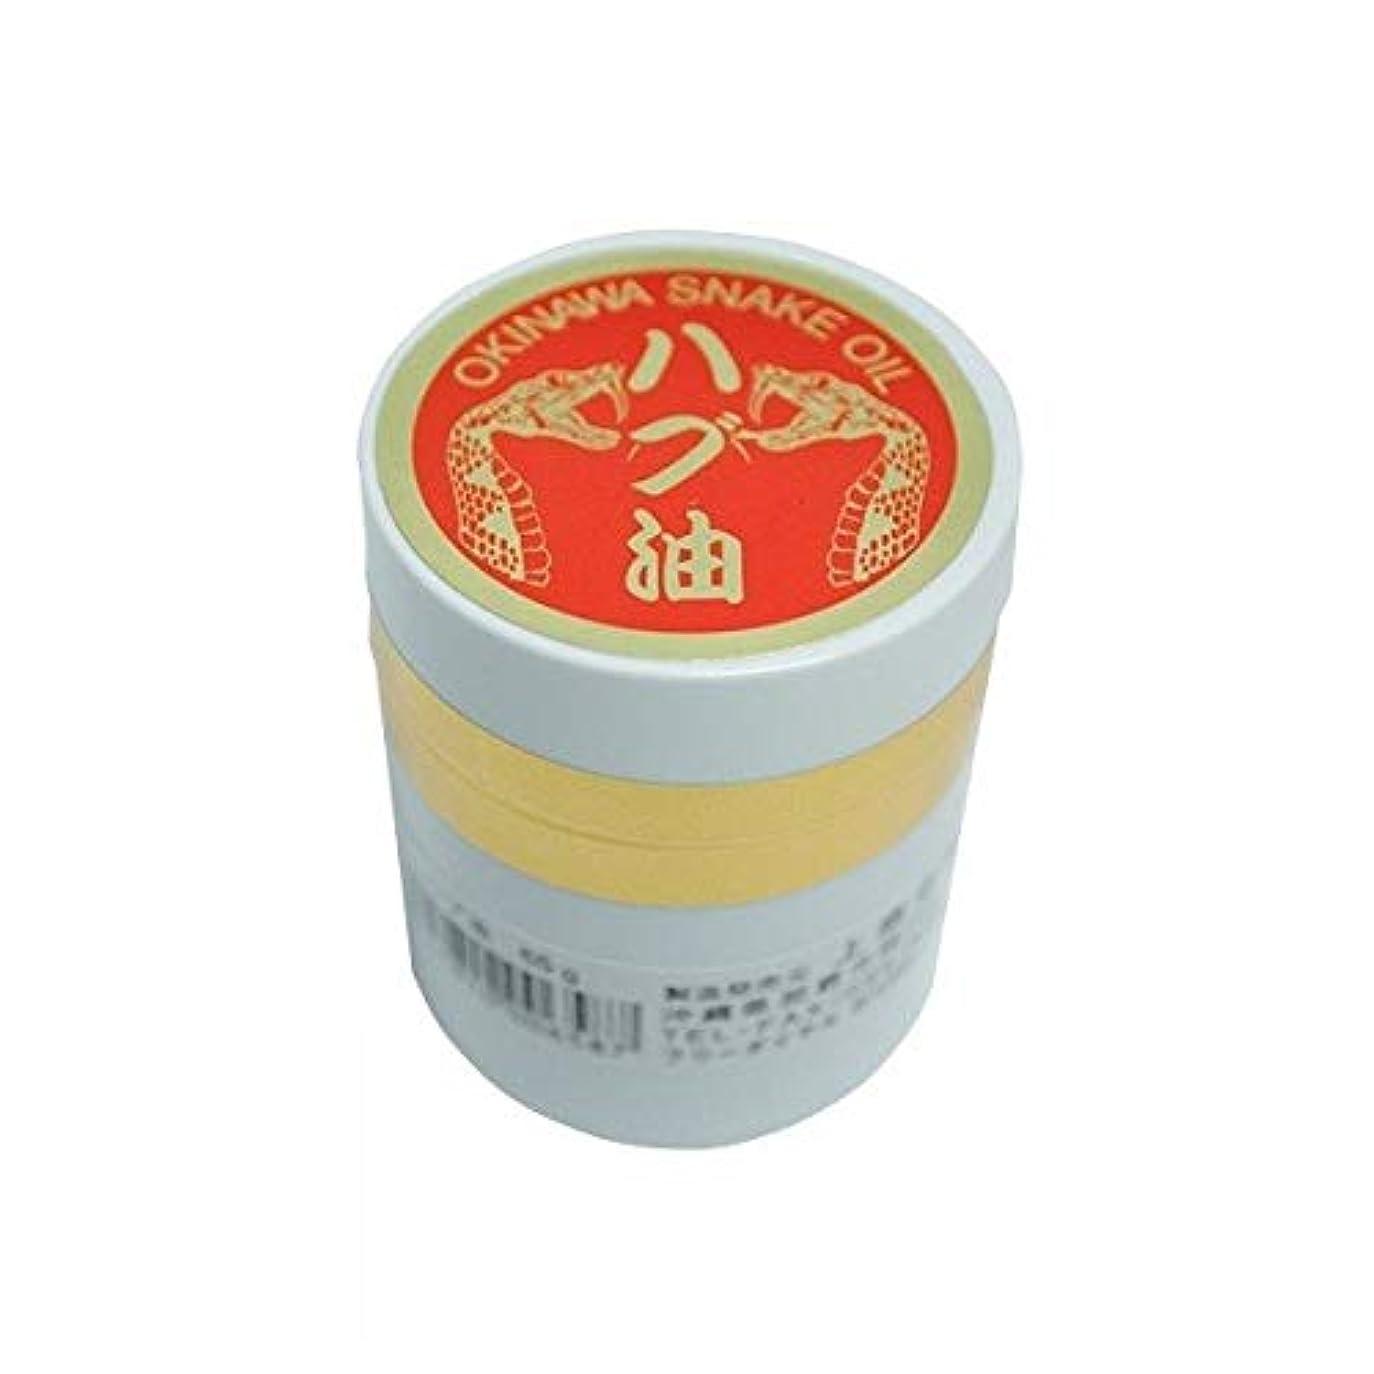 キッチン占めるマニア沖縄産 ハブ油 65g 軟膏タイプ